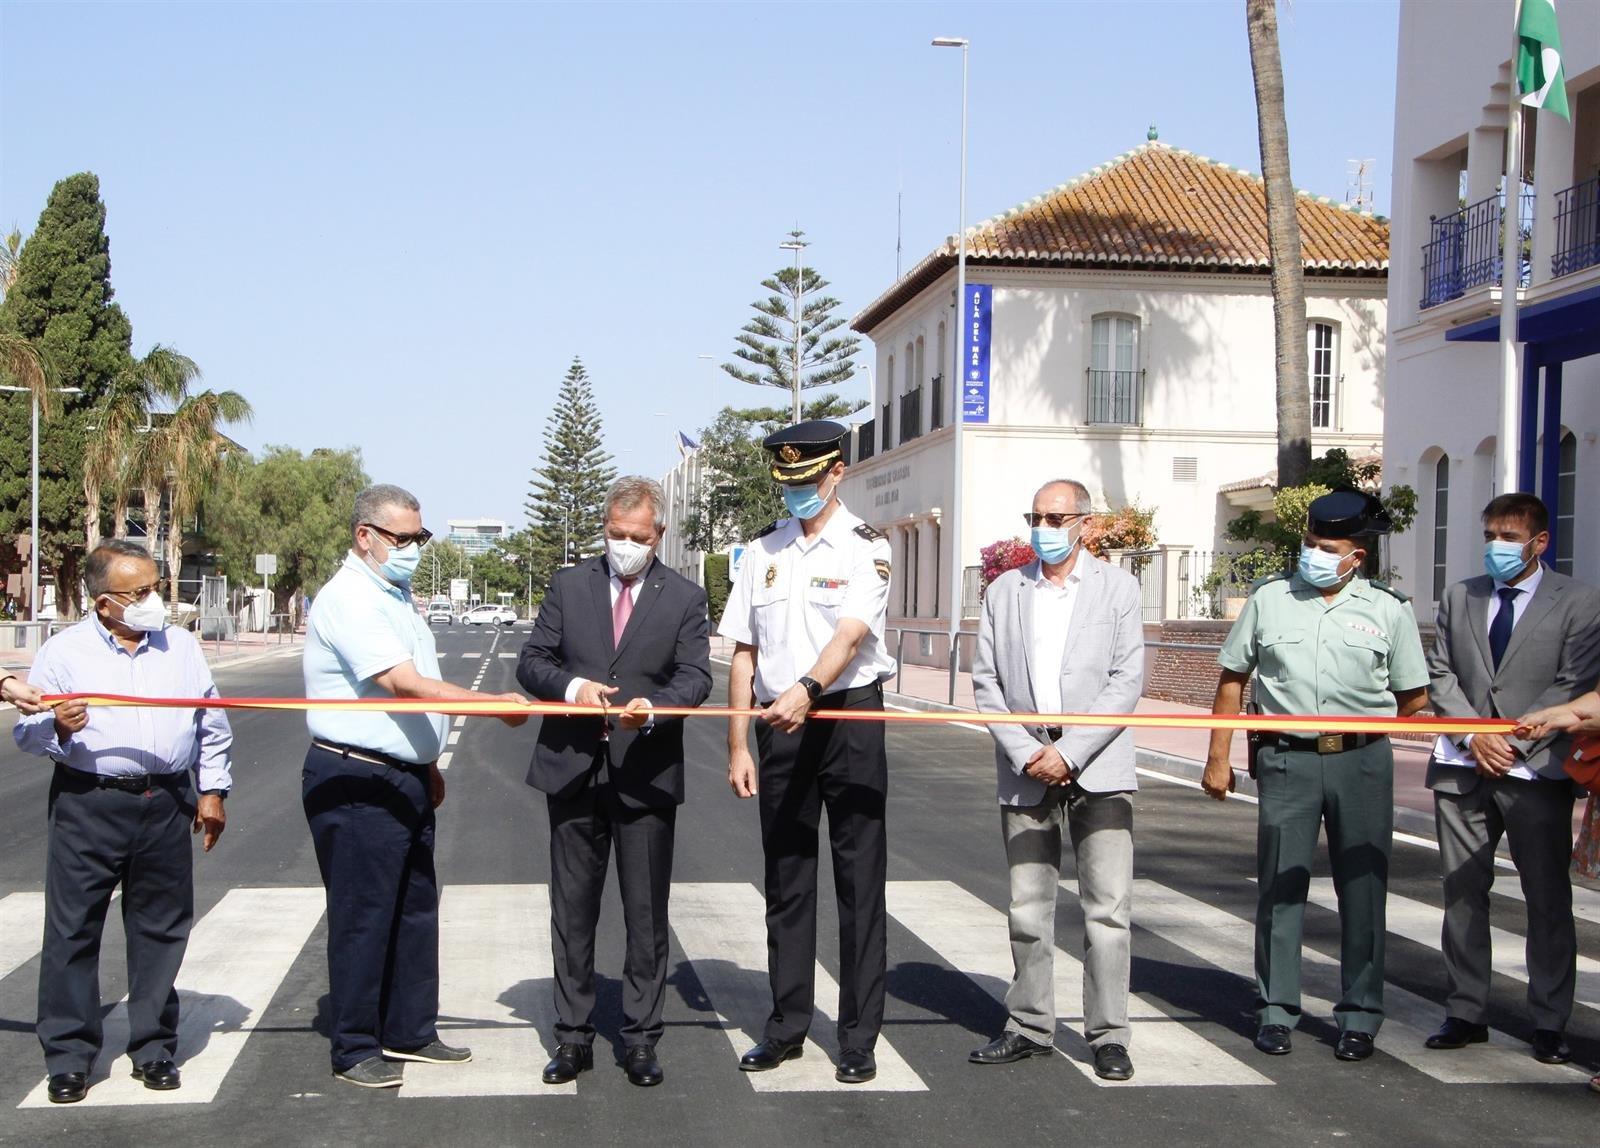 El puerto de Motril inaugura la remodelación del vial principal que mejora el tránsito de pasajeros